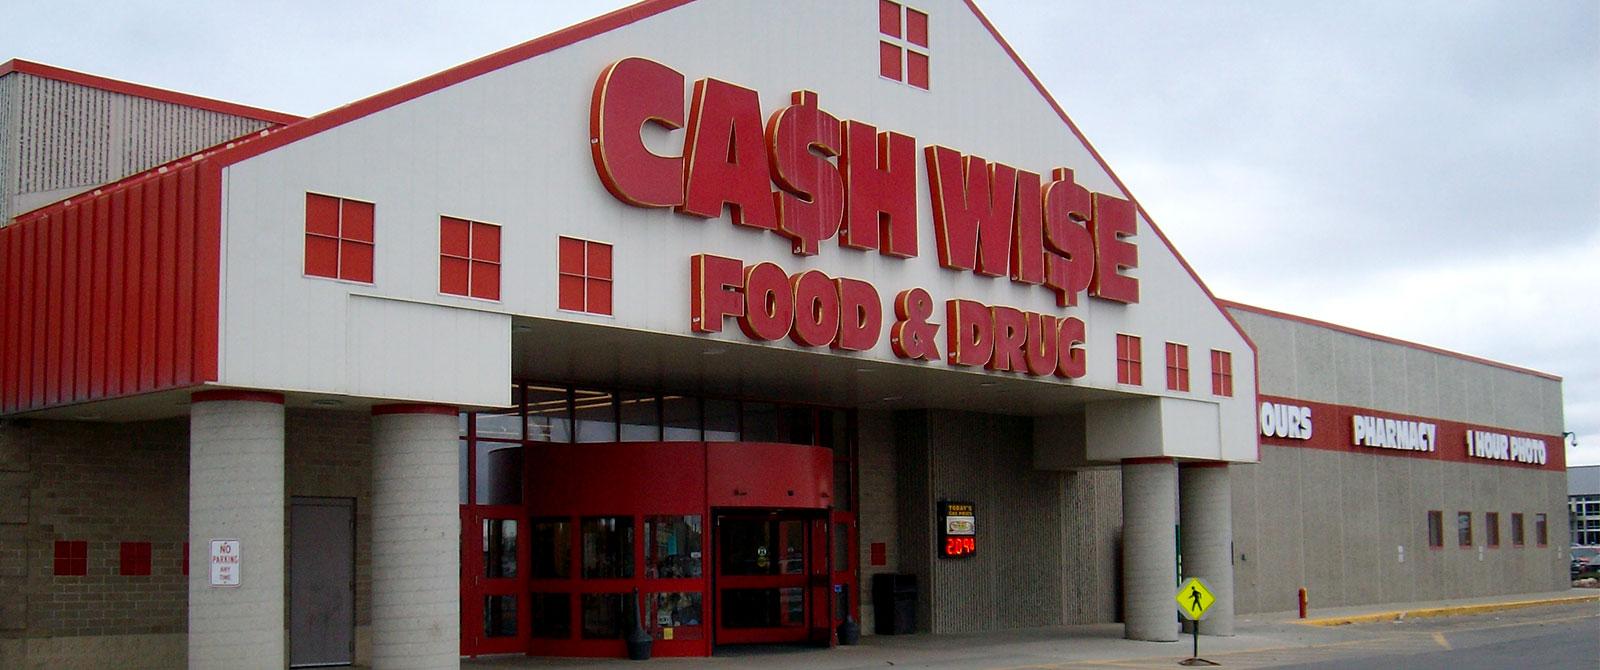 Cash Wise   Store - Willmar